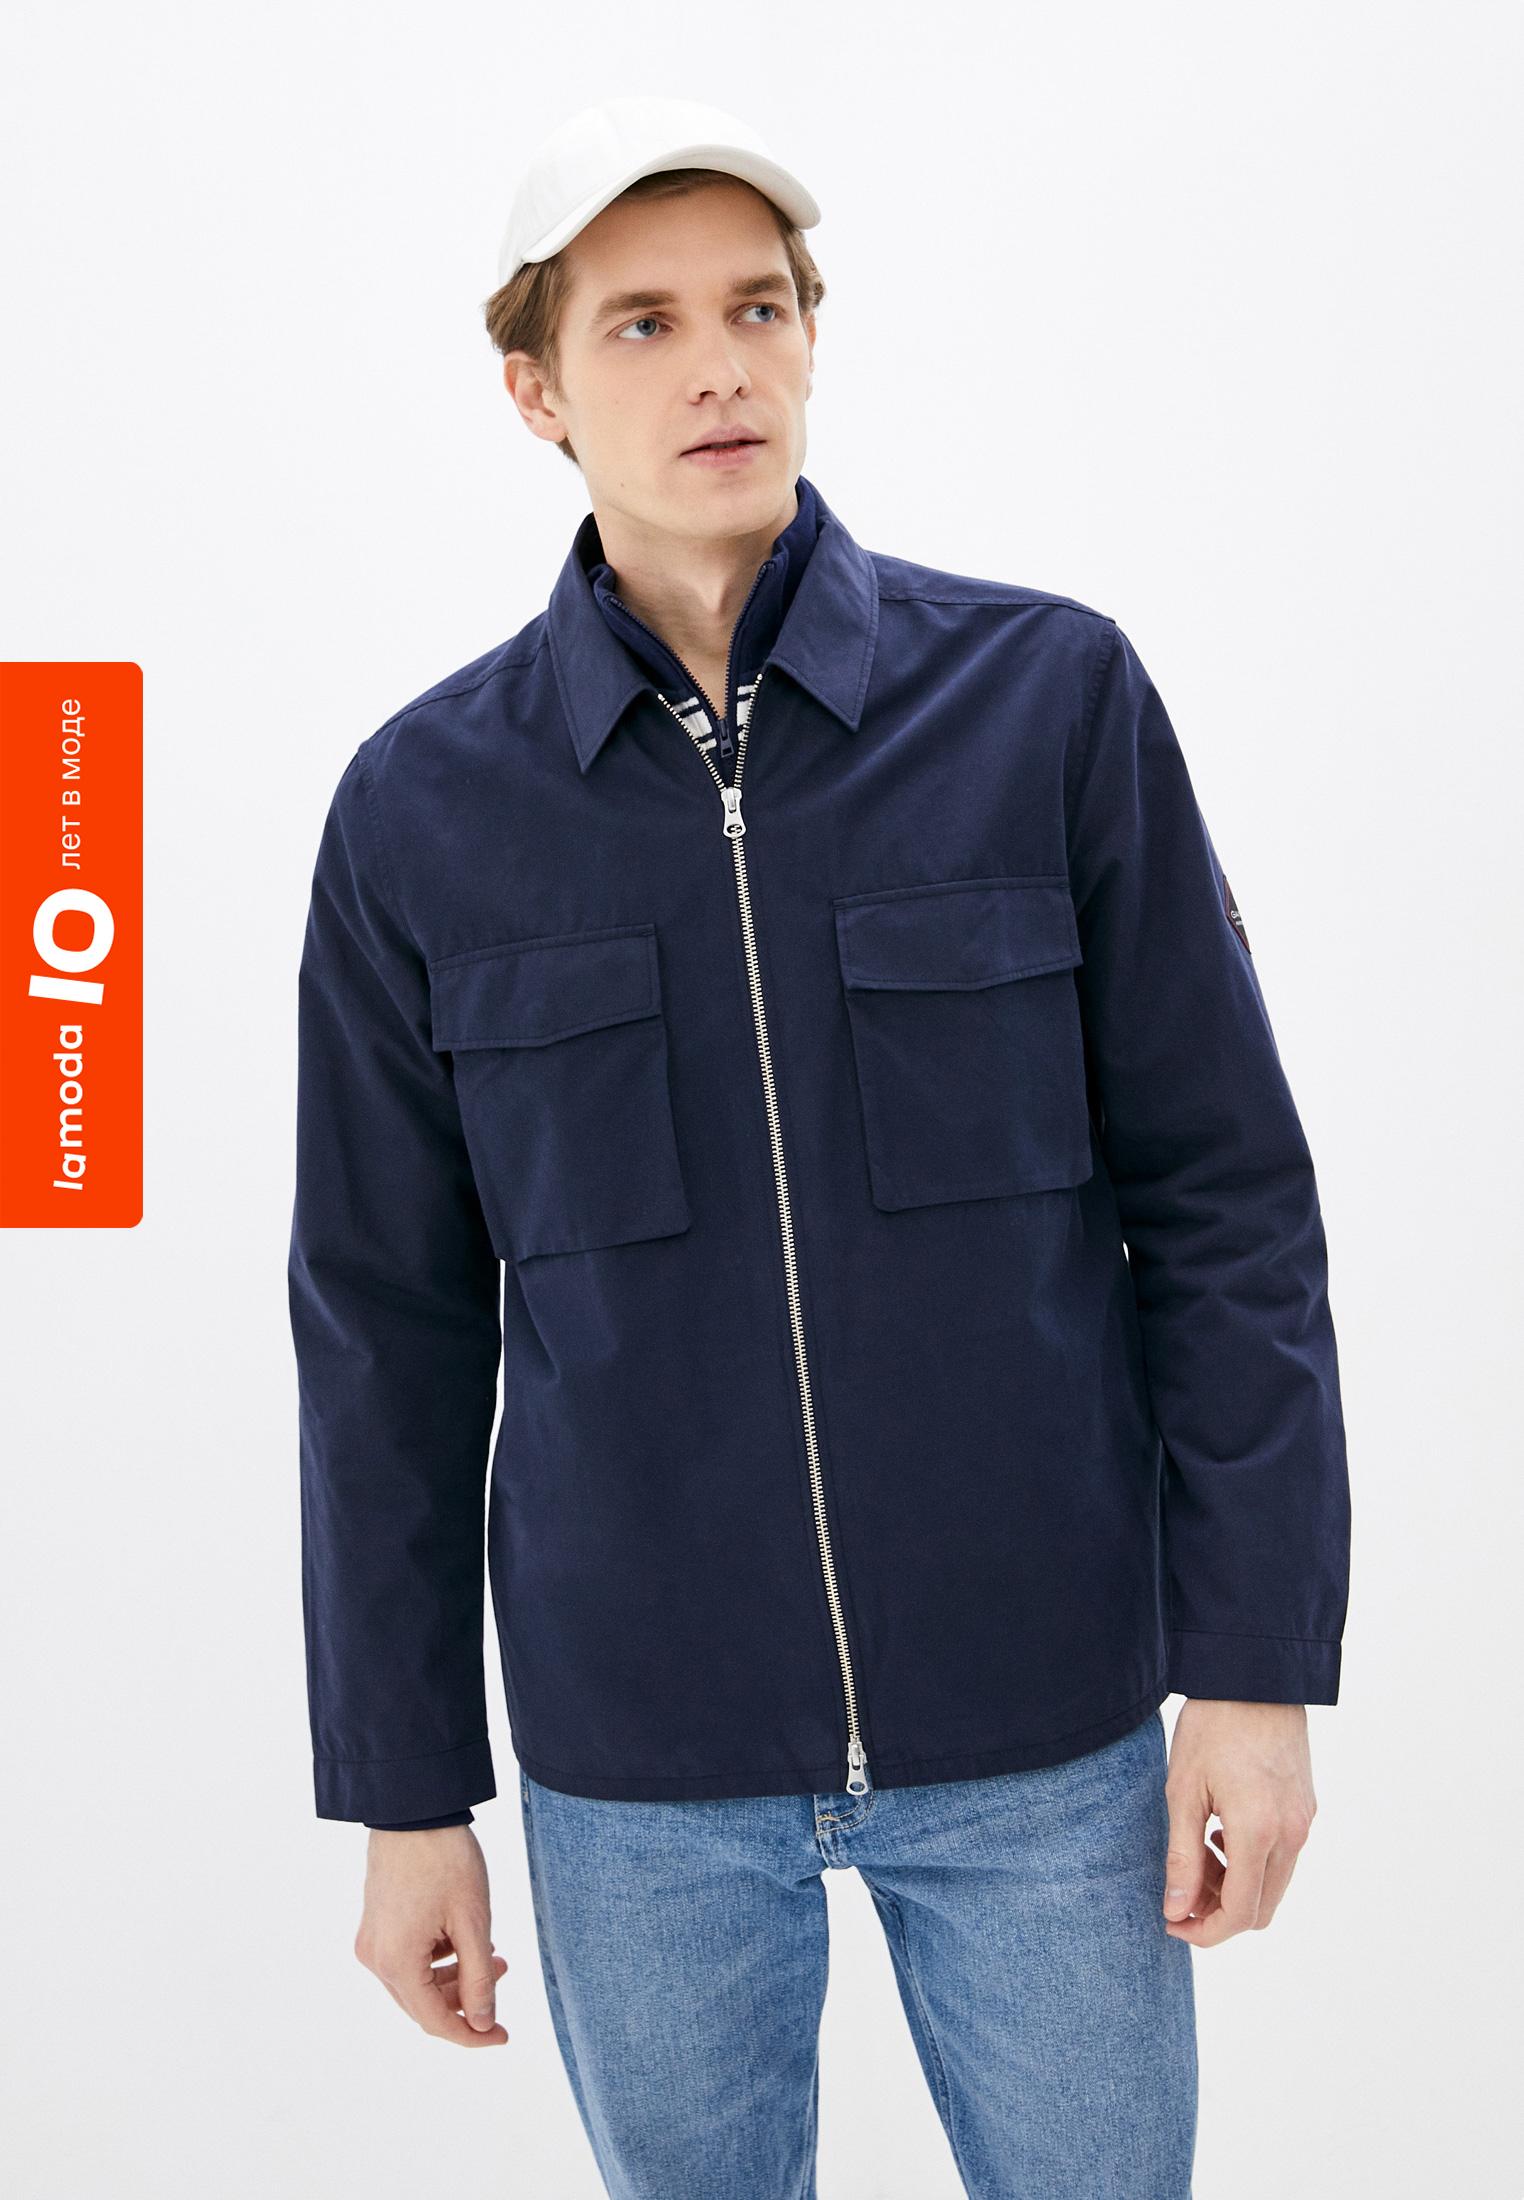 Ветровка Gant (Гант) Куртка Gant